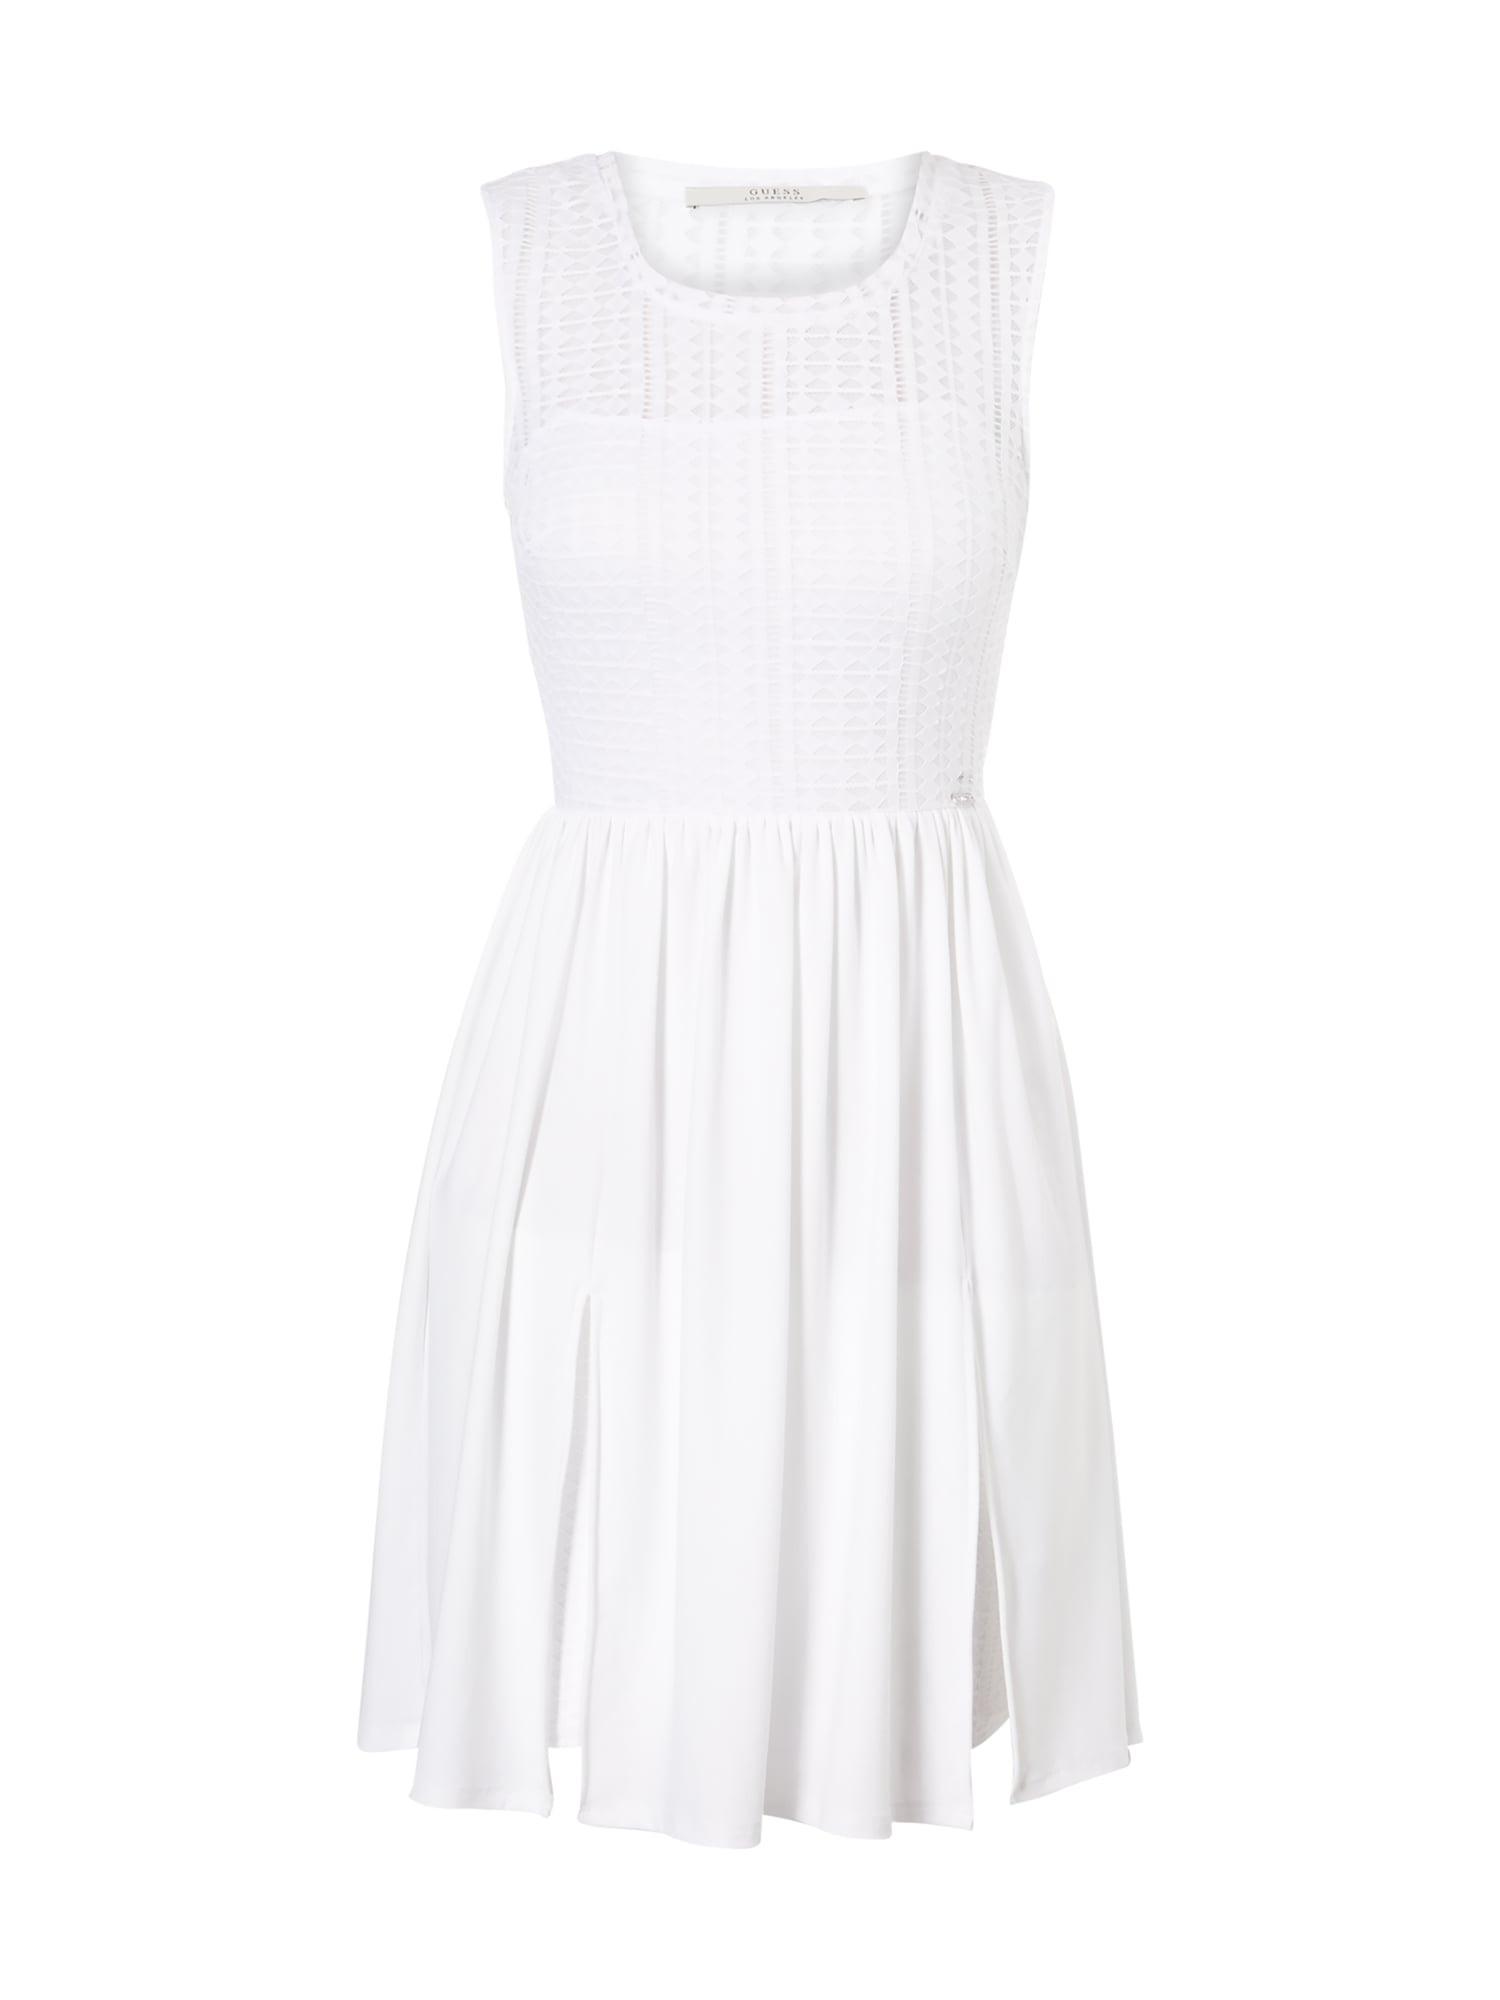 20 Luxurius Kleid Weiß Spitze DesignFormal Cool Kleid Weiß Spitze Vertrieb